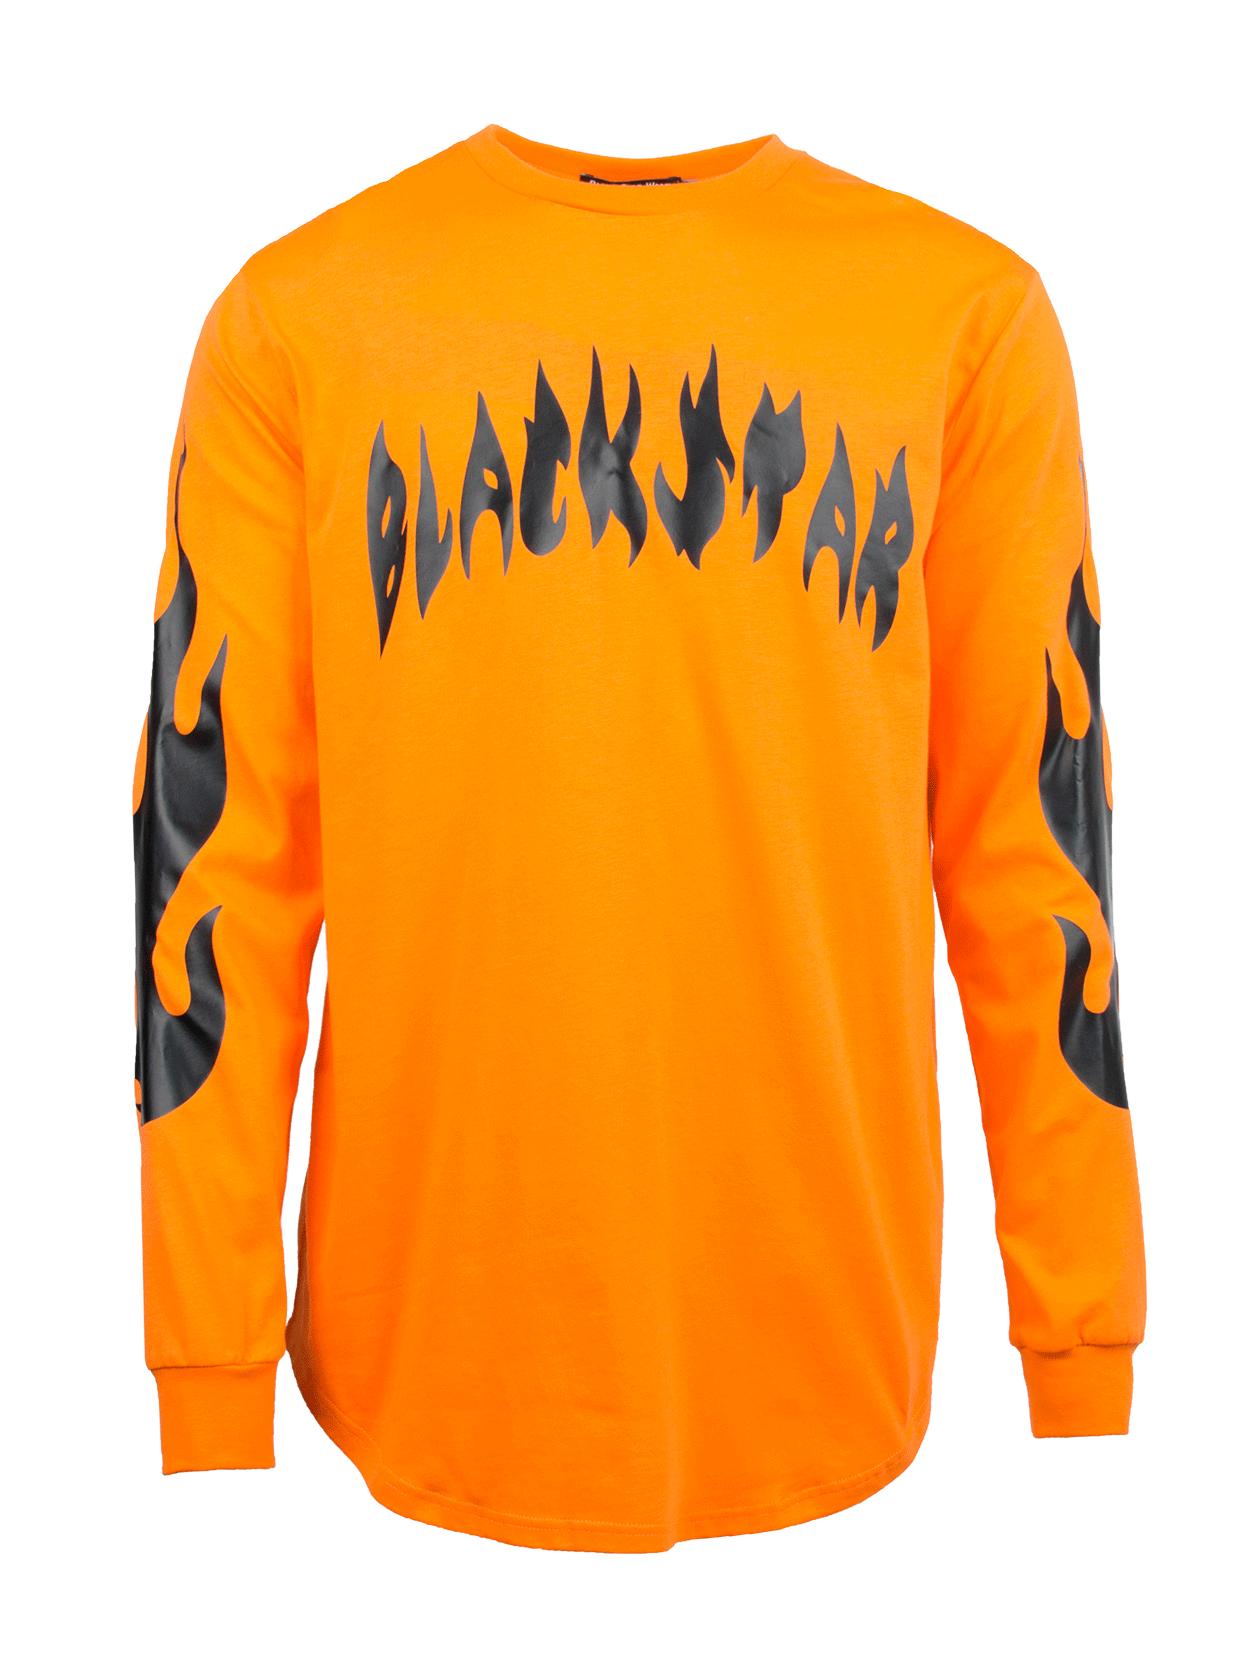 Лонгслив  FIRE FLAMEЯркий лонгслив мужской Fire Flame из уникальной коллекции Orange Flame создан для энергичных молодых людей с внутренним огнем. Модель теплой оранжевой расцветки с эффектным принтом в виде надписи Black Star на груди и черных языков пламени на рукавах. Лаконичный крой изделия делает его комфортным предметом гардероба на каждый день. Манжеты дополнены гофрированной резинкой для лучшей посадки вещи, удлиненный низ обладает полукруглой формой. Специальная технология пошива с использованием 100% хлопка обеспечивает долговечность и практичность лонгслива.<br><br>Размер: S<br>Цвет: Оранжевый<br>Пол: Мужской